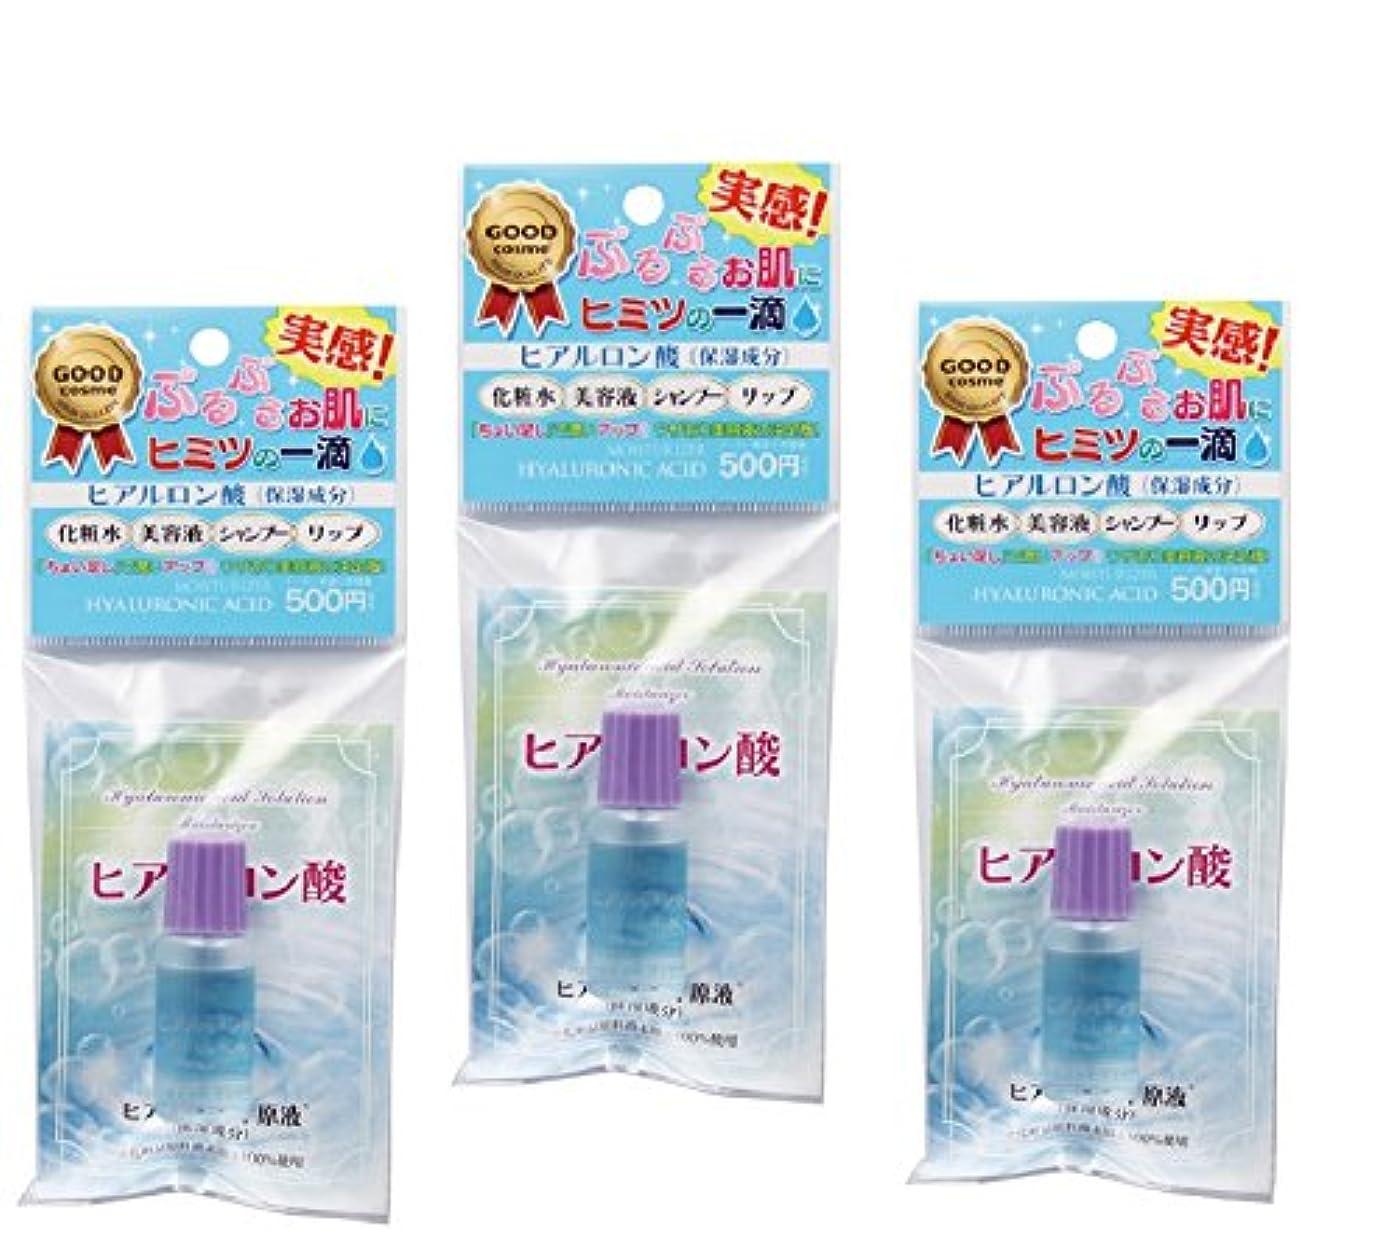 ビザトラフジーンズヒアルロン酸水溶液 10ml 3個セット 訳あり パッケージ汚れ